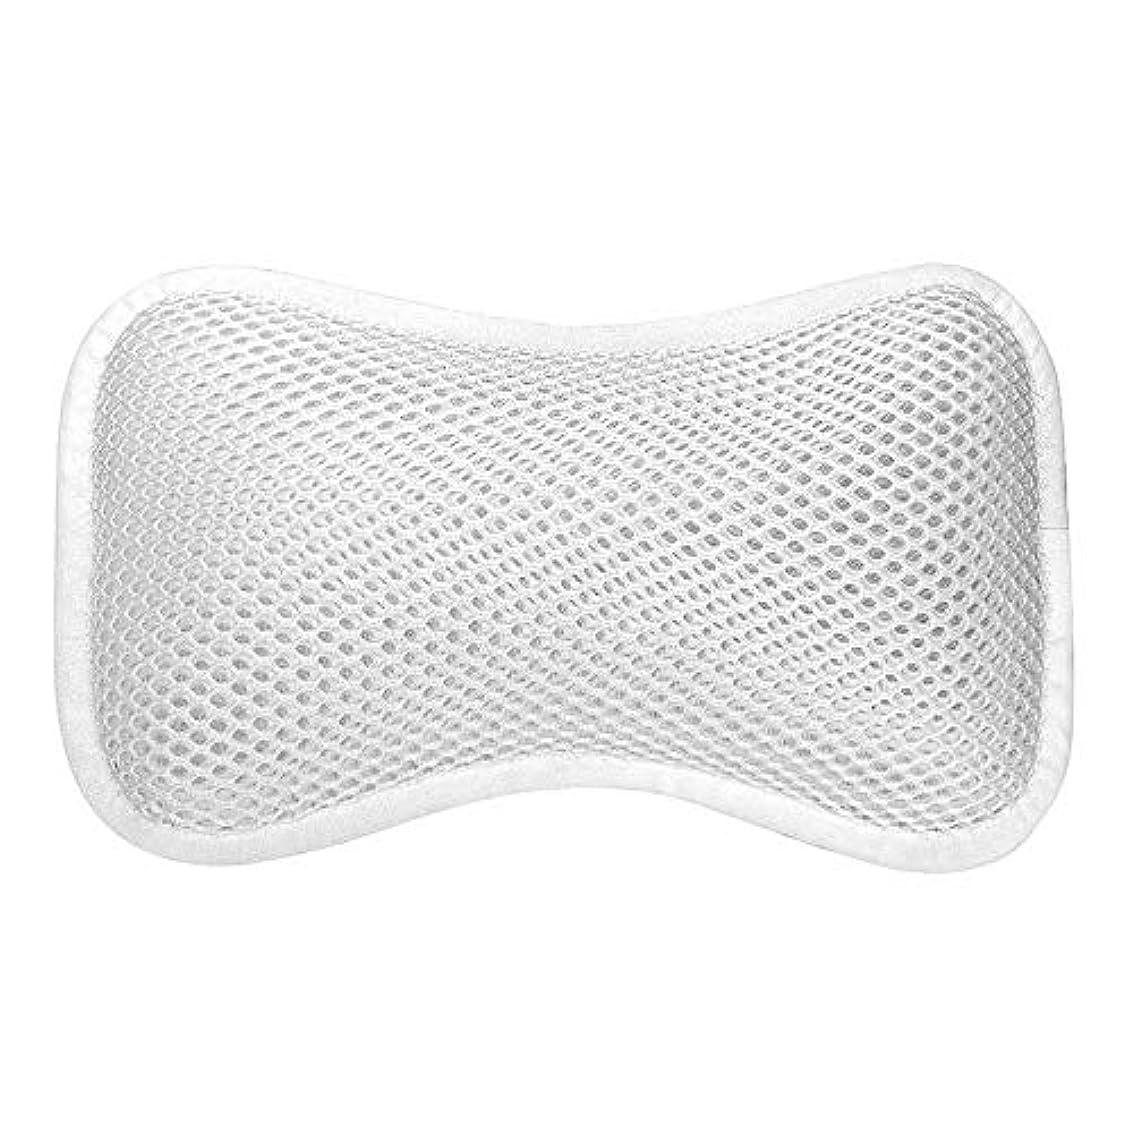 ラジカル流用する流行している3D網の骨の定形バスタブの枕、吸盤が付いている人間工学的の設計滑り止??めの浴槽の枕